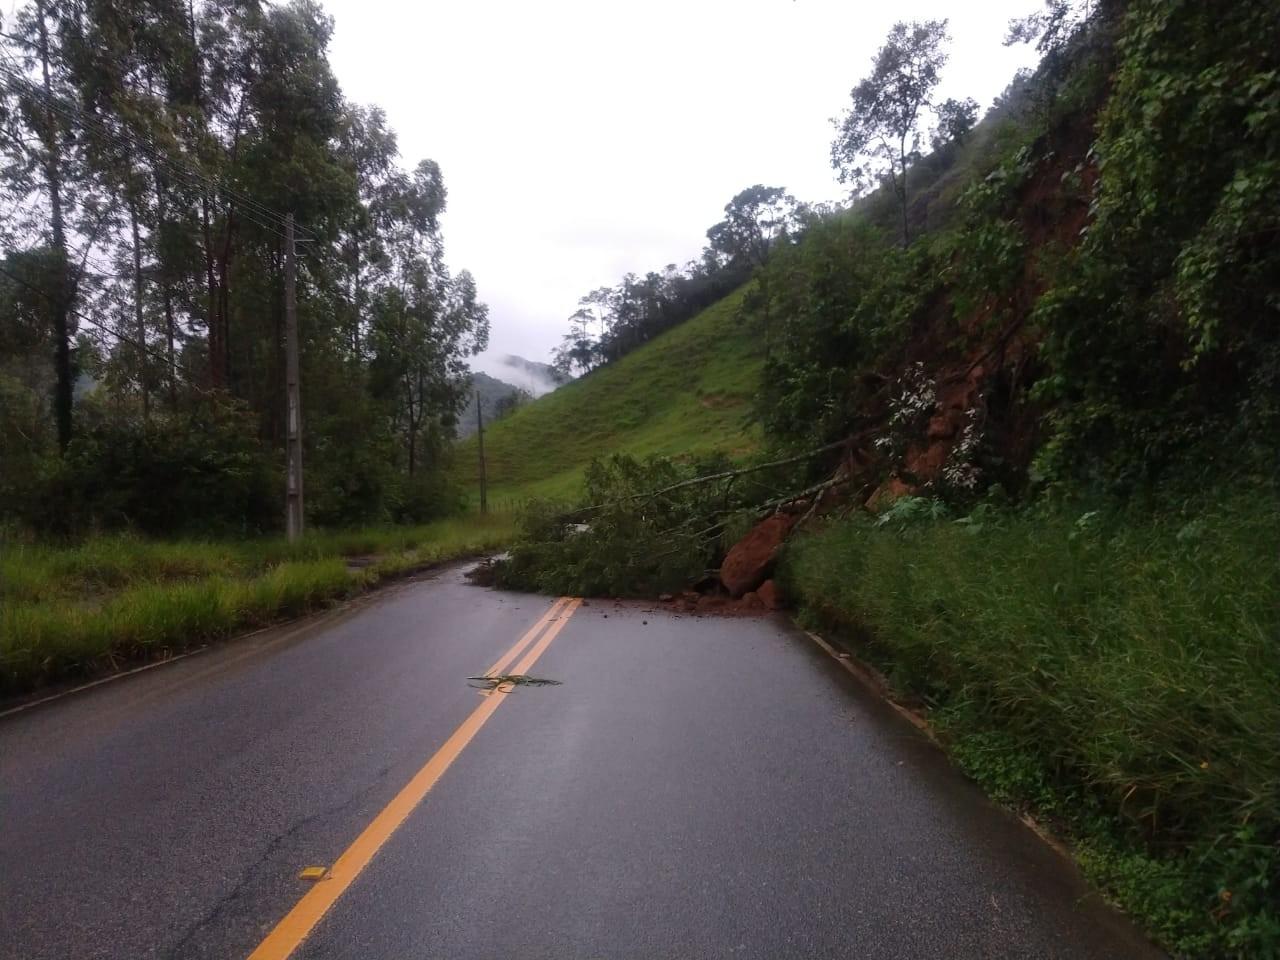 Barreira atinge trecho da RJ-142, a Estrada Serramar, em Nova Friburgo